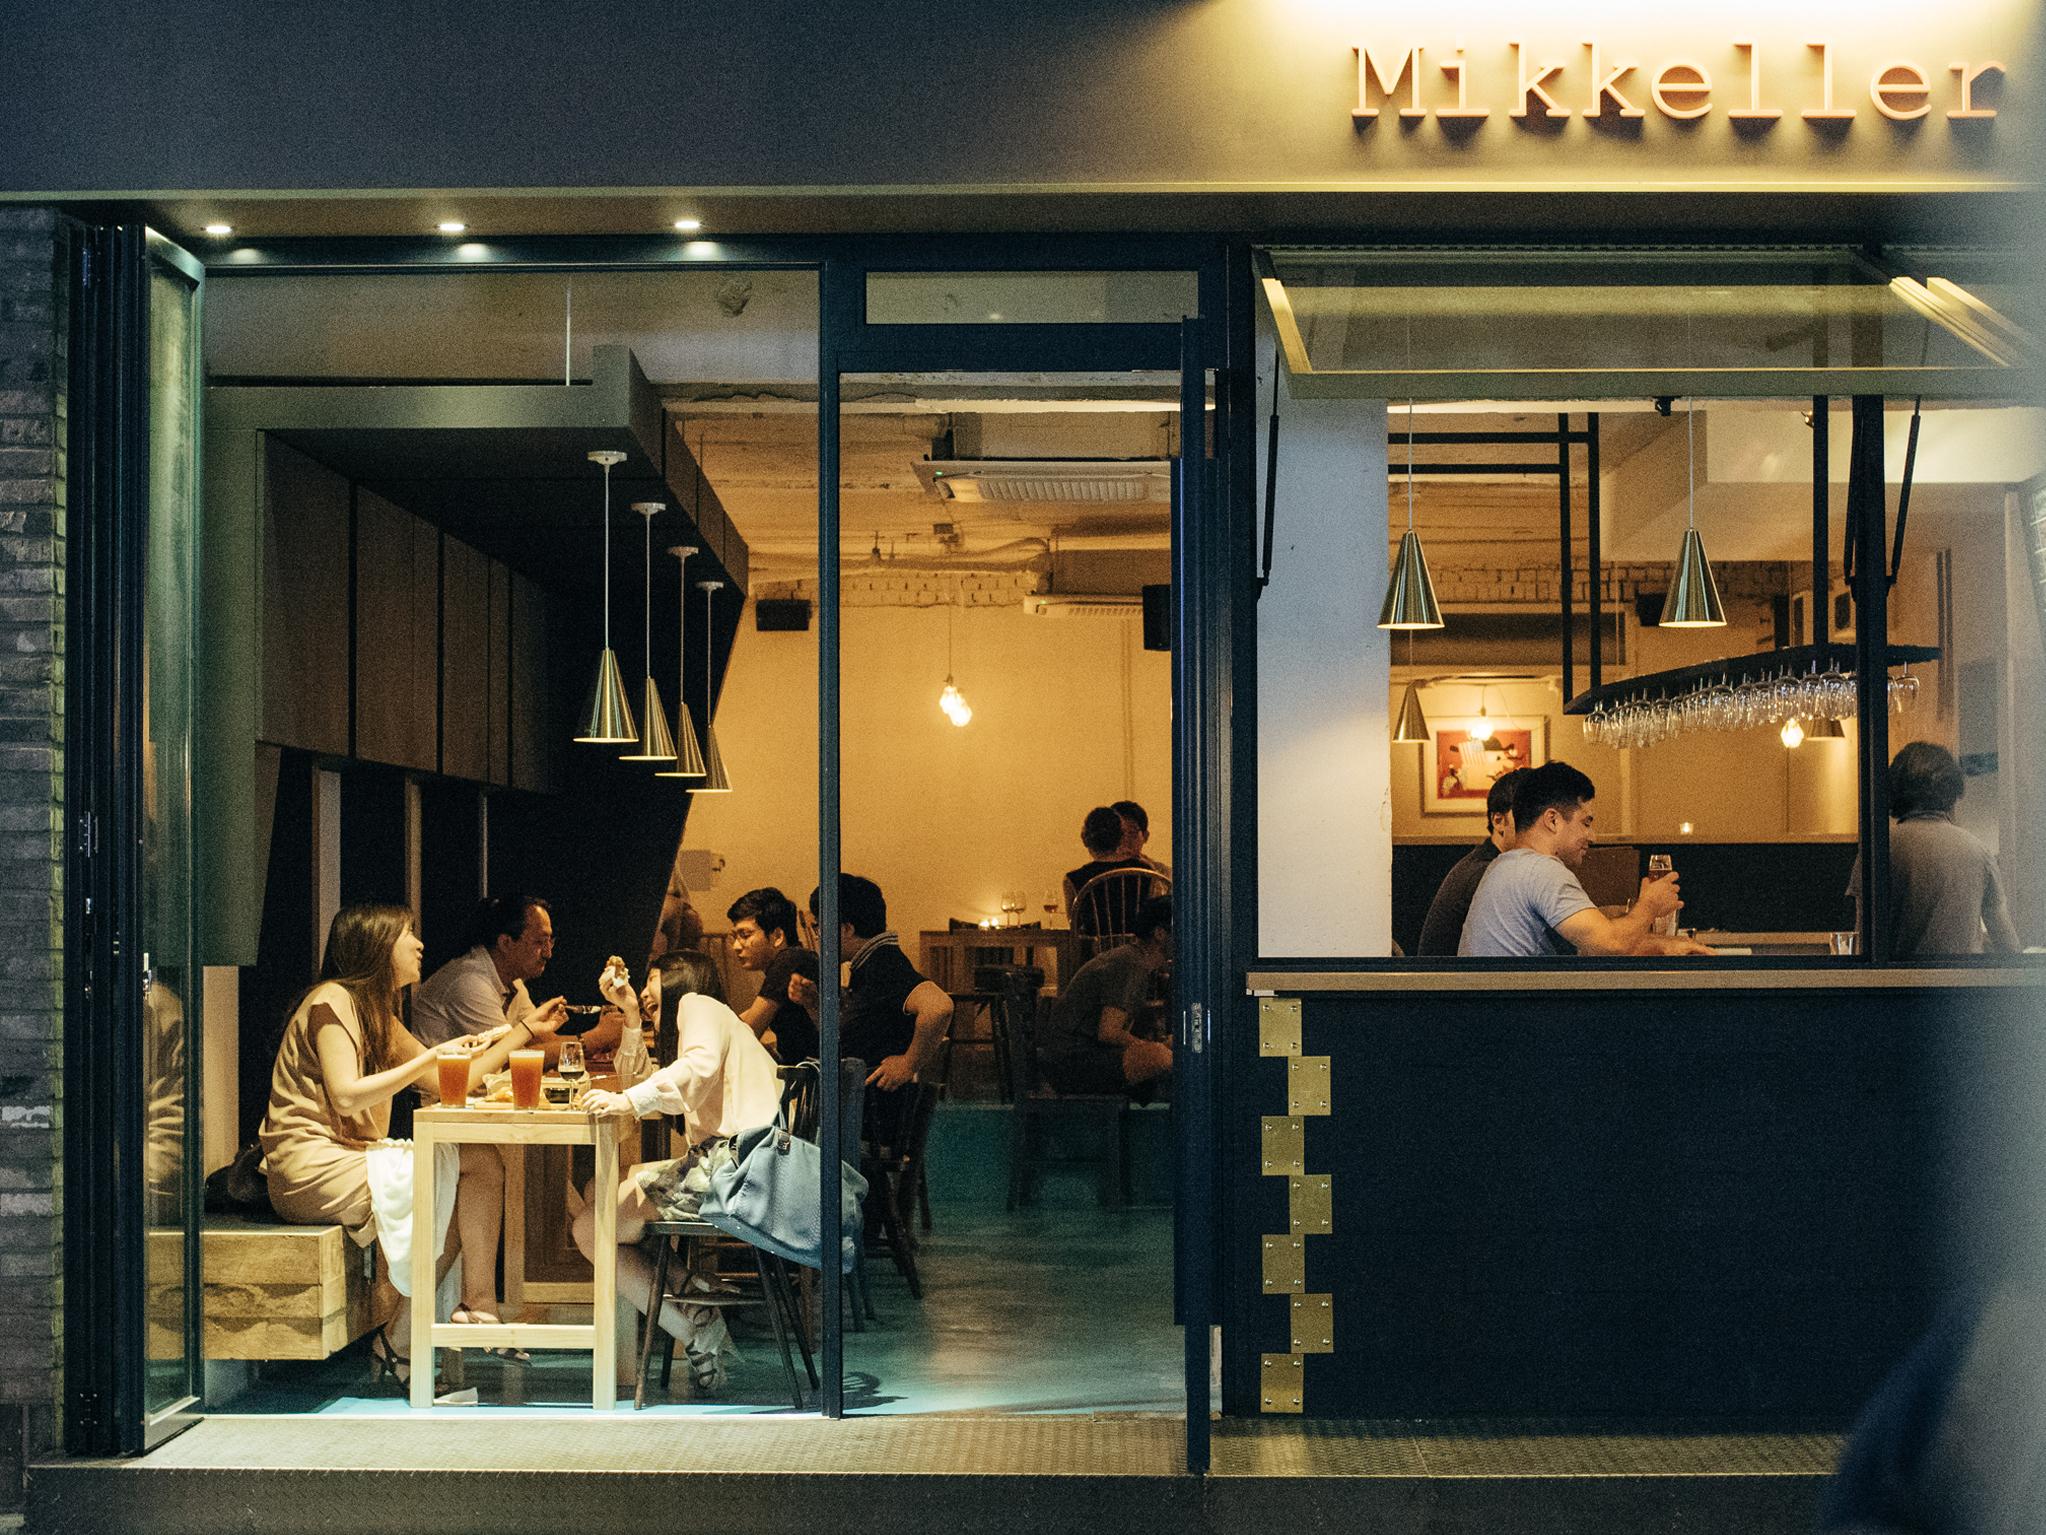 Mikkeller Bar Seoul